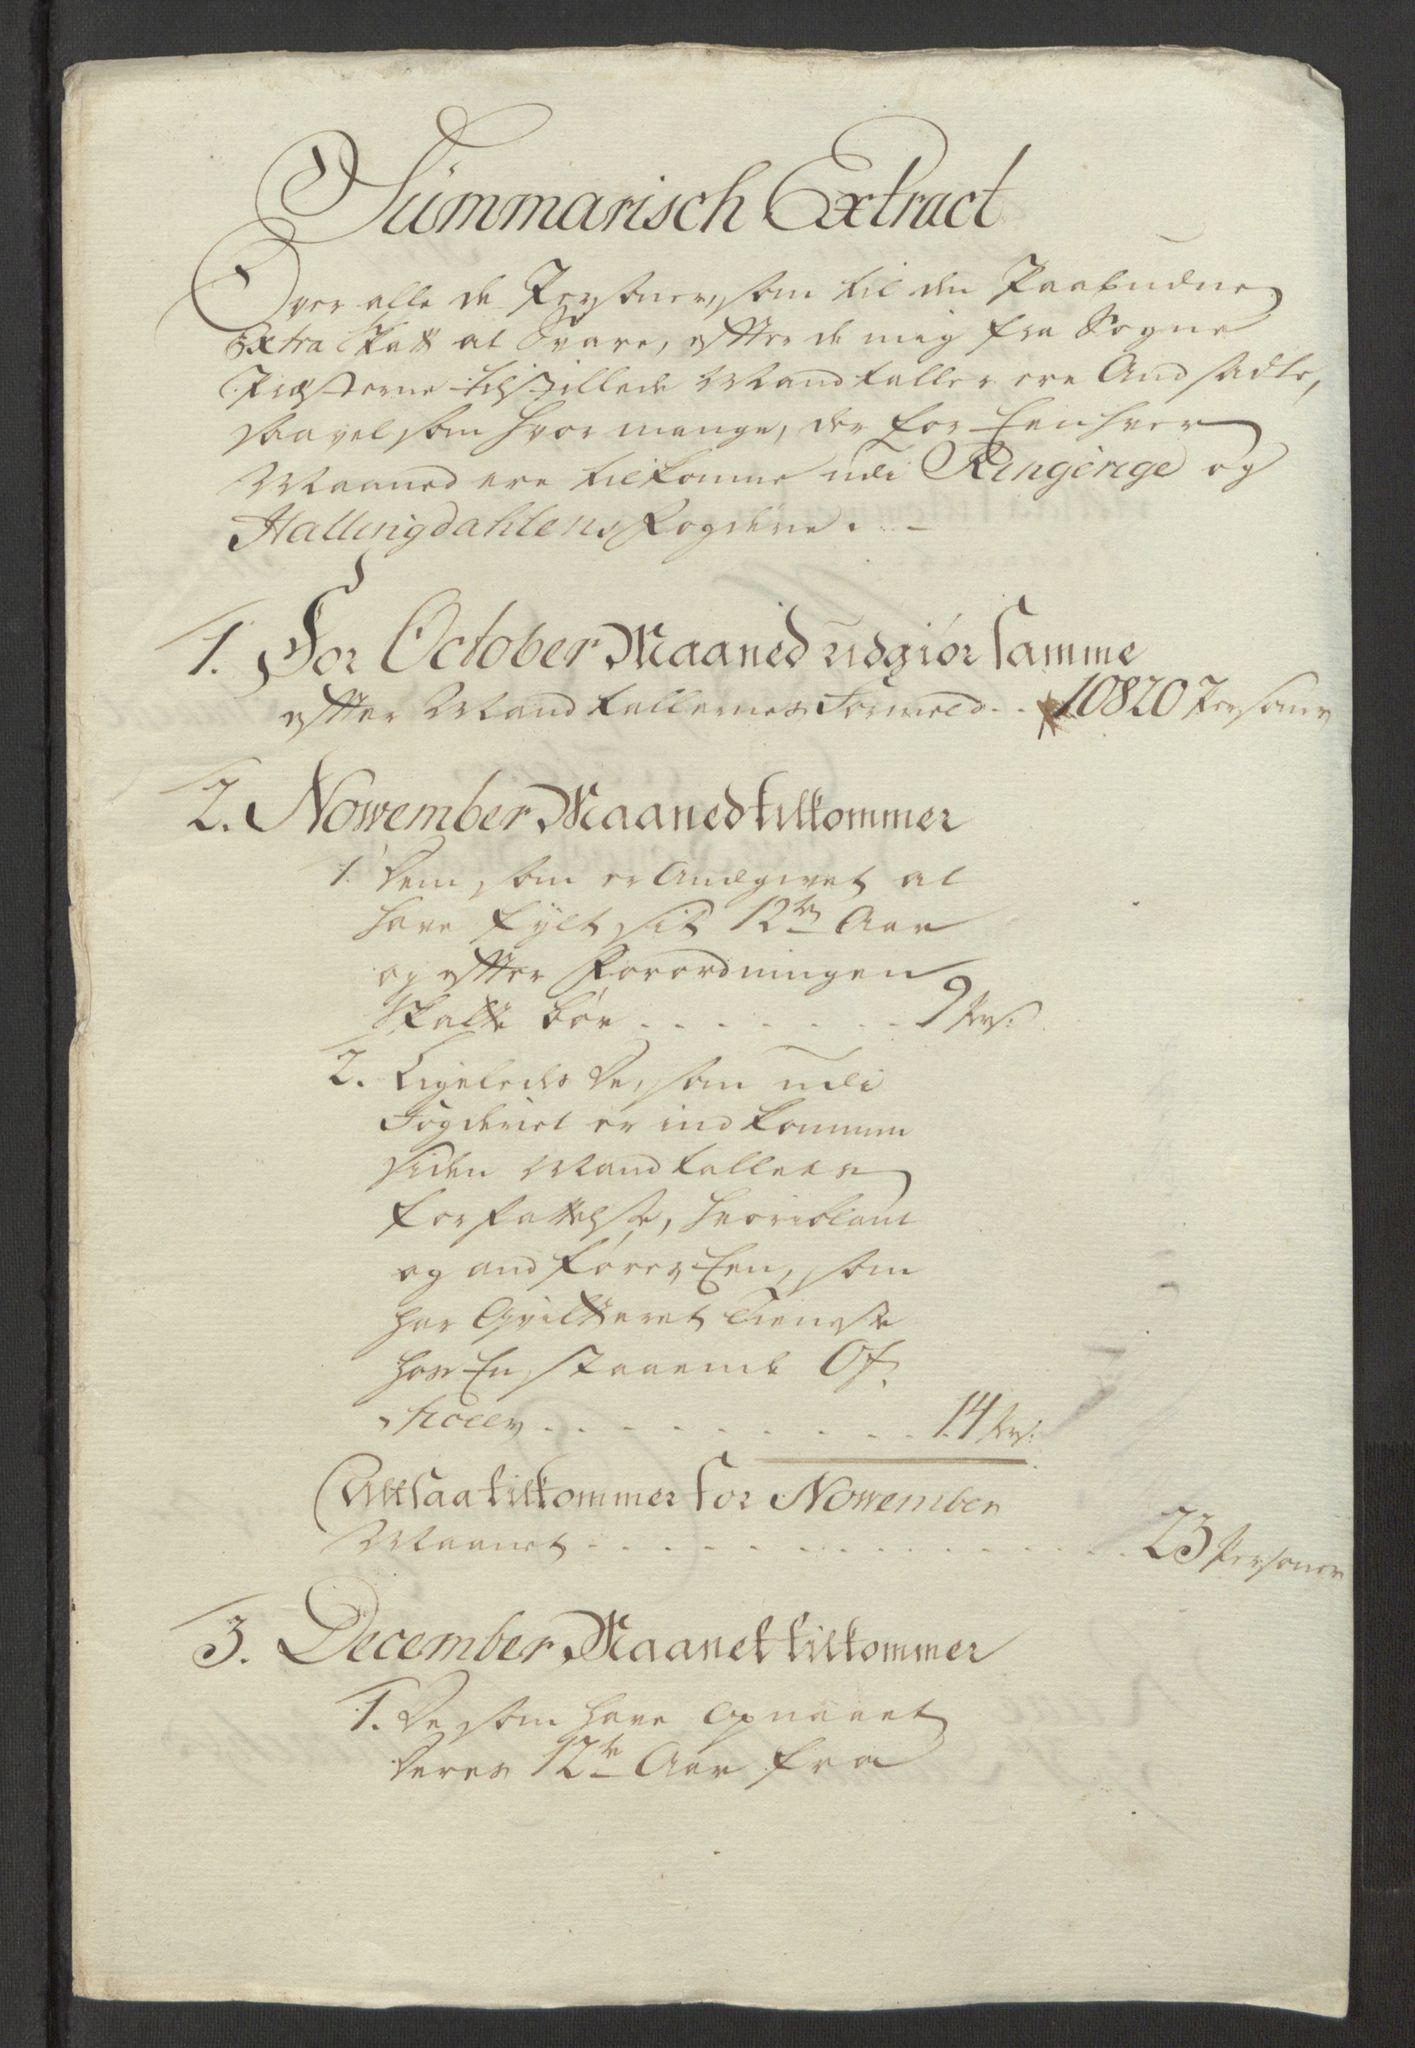 RA, Rentekammeret inntil 1814, Reviderte regnskaper, Fogderegnskap, R23/L1565: Ekstraskatten Ringerike og Hallingdal, 1762-1763, s. 323